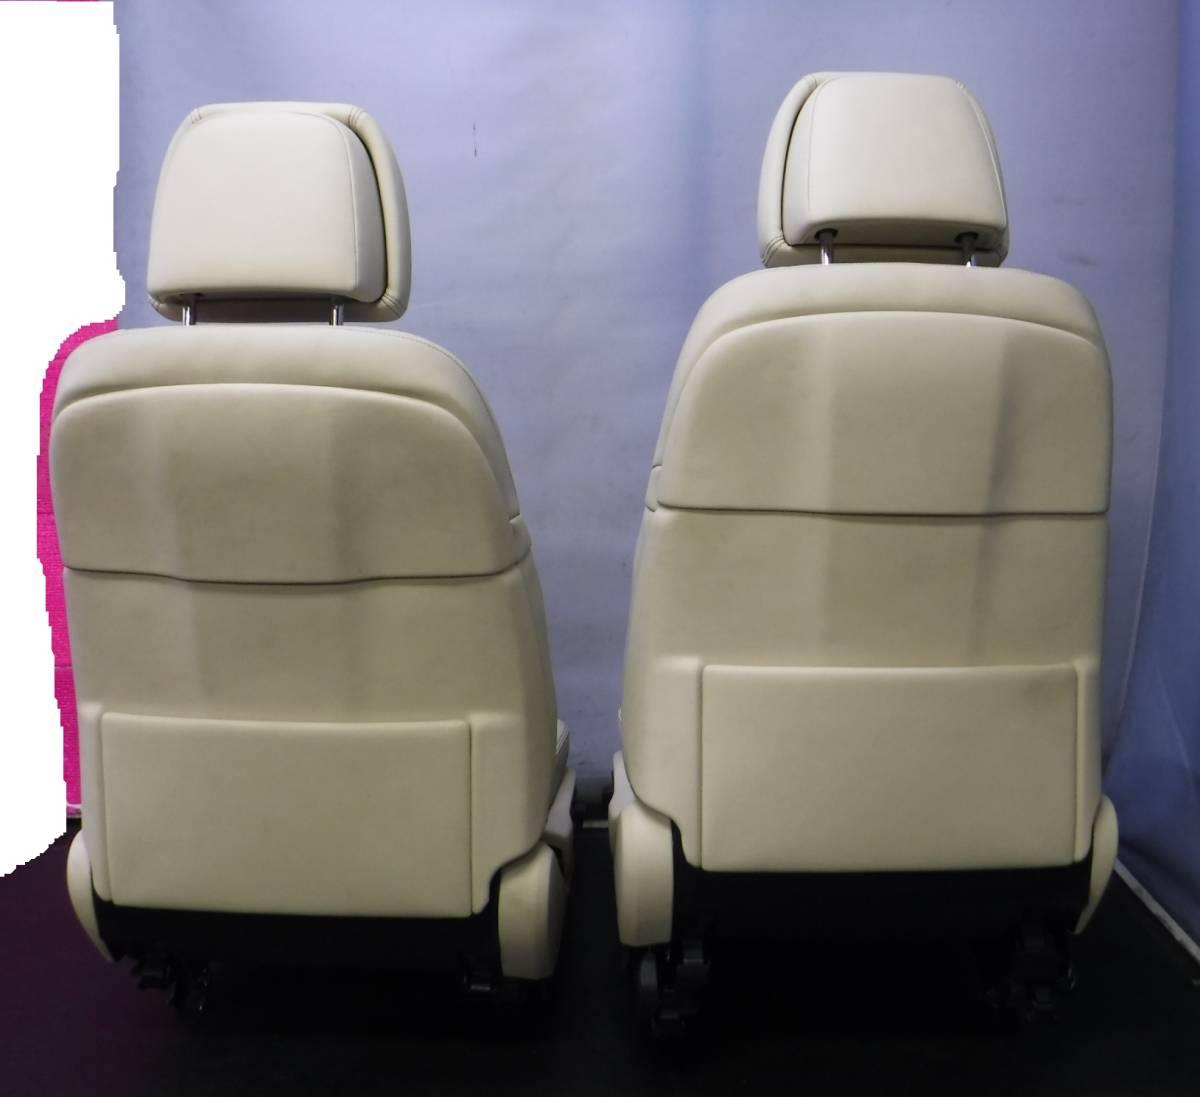 レクサス GS GWL10 レザー シート 1台分 インフレーター欠品 運転席 助手席 後部座席 ドライバーズ アシスタント リア _フロント左右、後側画像です。